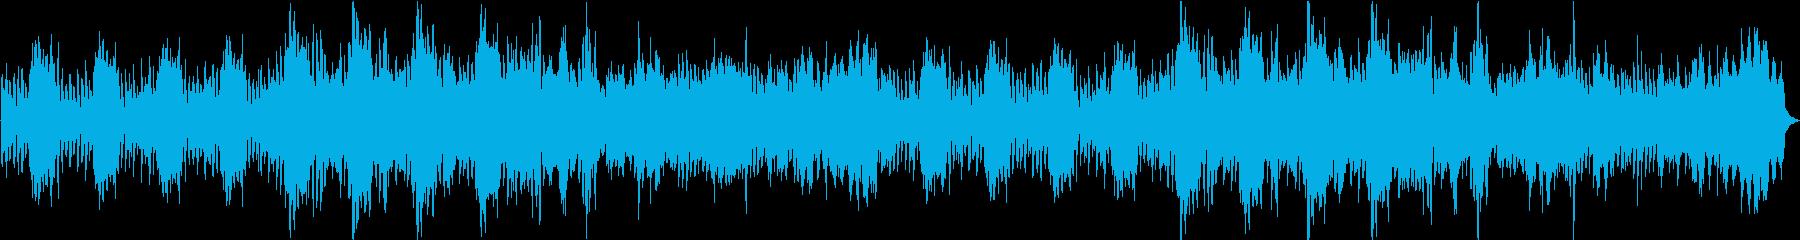 ファンタジーなRPG 空を飛ぶの再生済みの波形